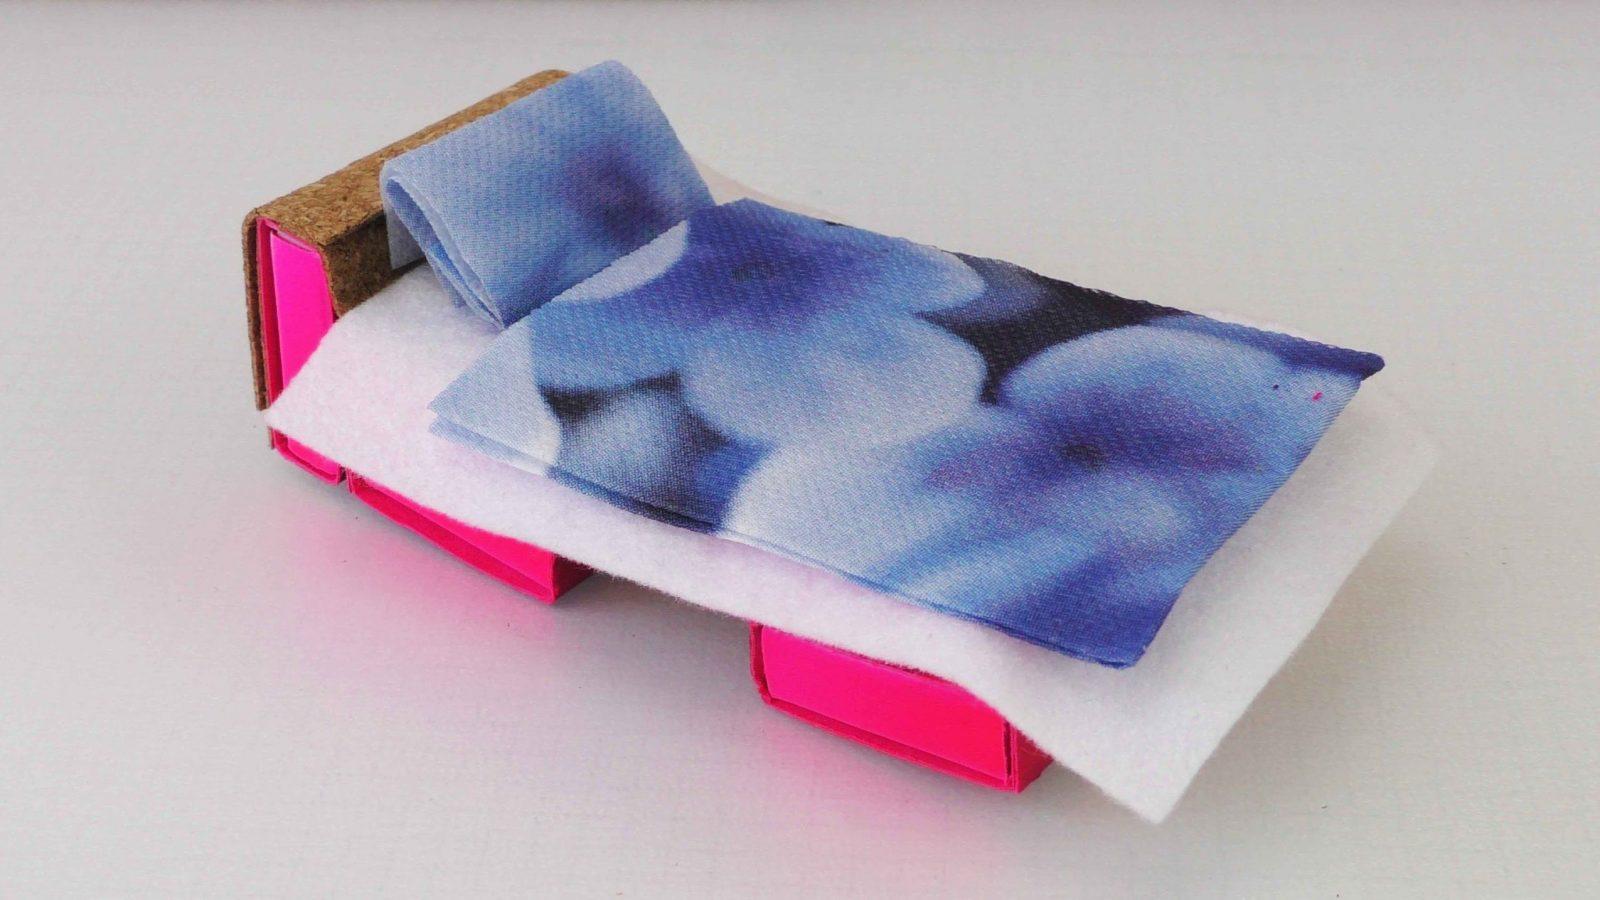 Möbel Selber Basteln  Betten Für Puppen Selber Machen  Youtube von Möbel Für Puppenhaus Selber Basteln Bild